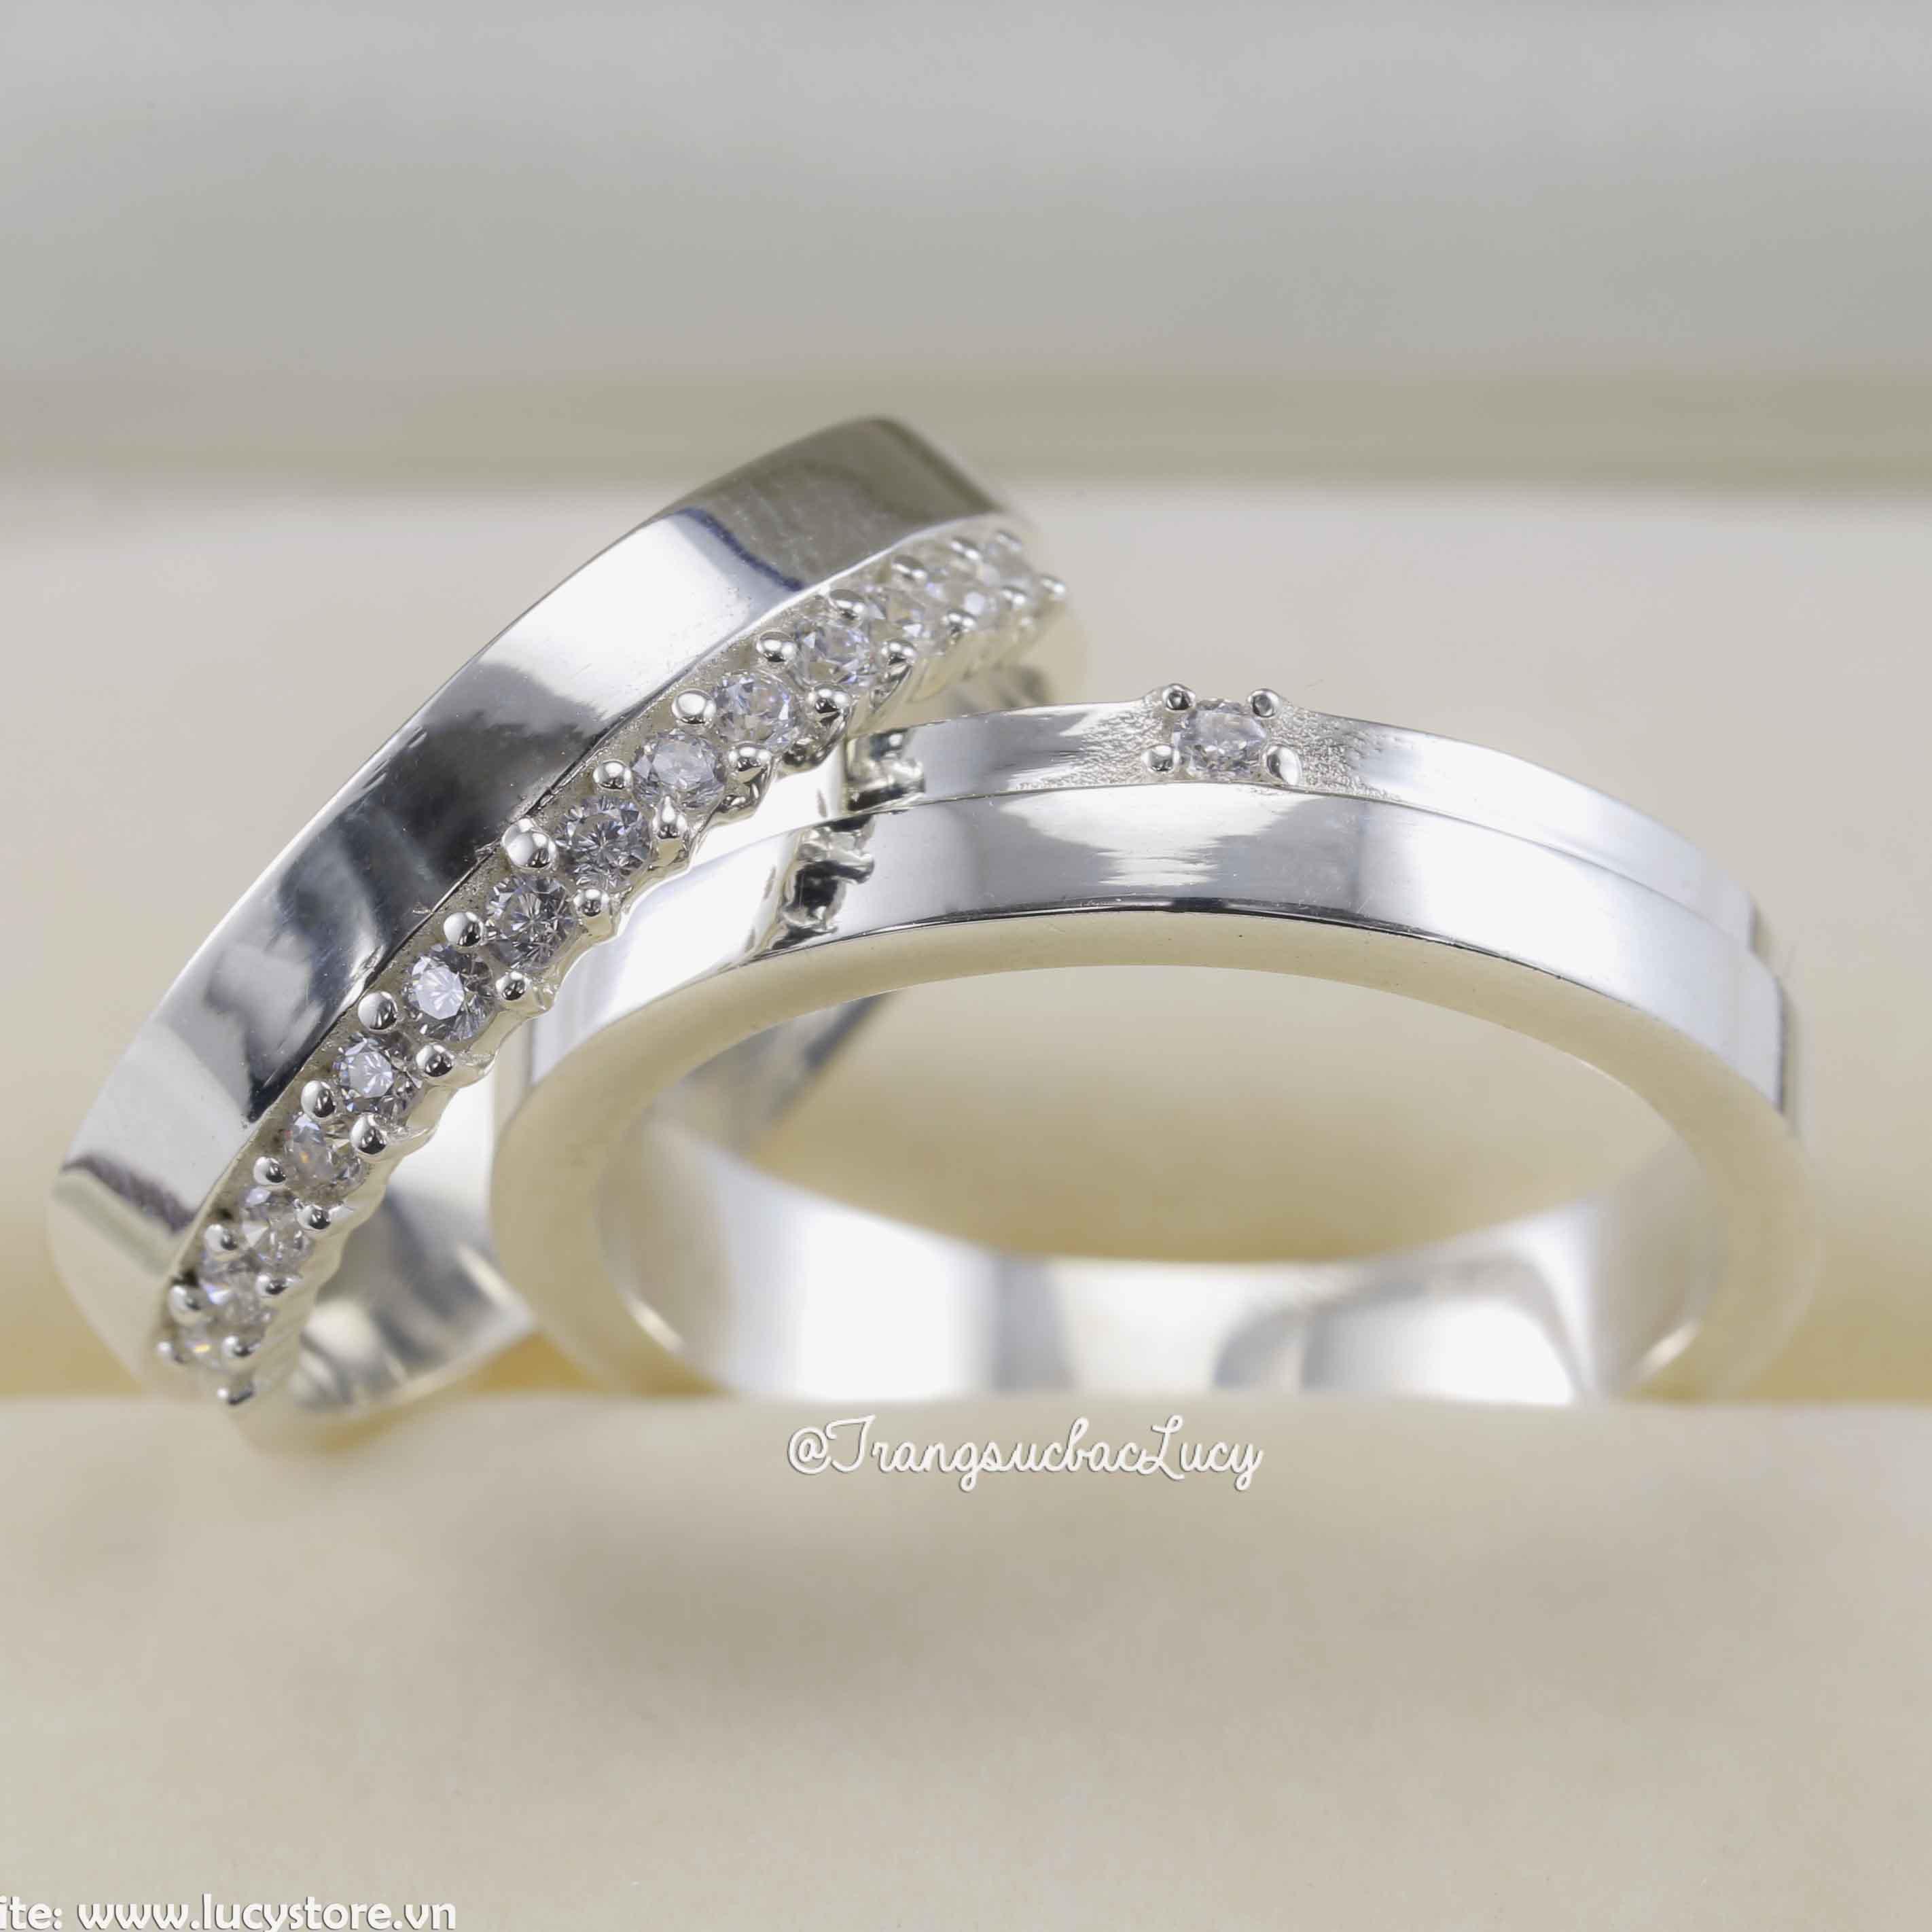 Nhẫn đôi nhẫn cặp bạc Lucy - ND042